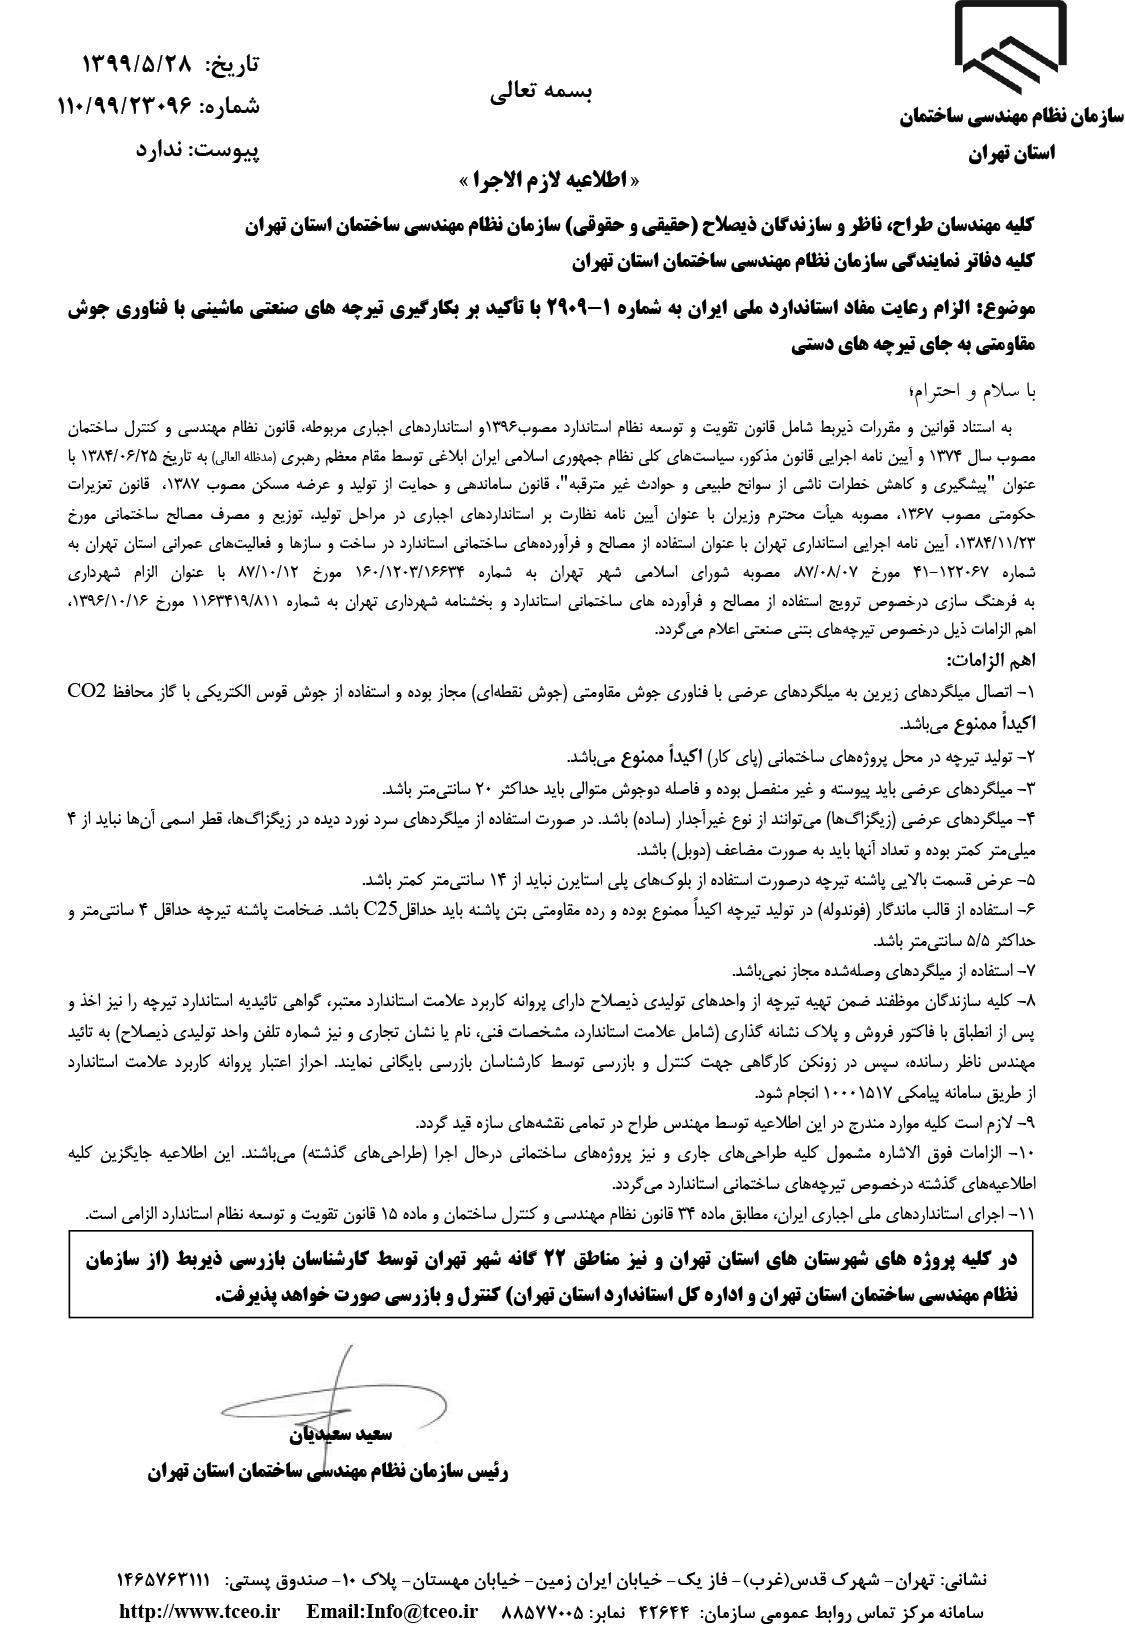 اطلاعیه لازم الاجرا سازمان نظام مهندسی تهران در خصوص به کار گیری تیرچه صنعتی